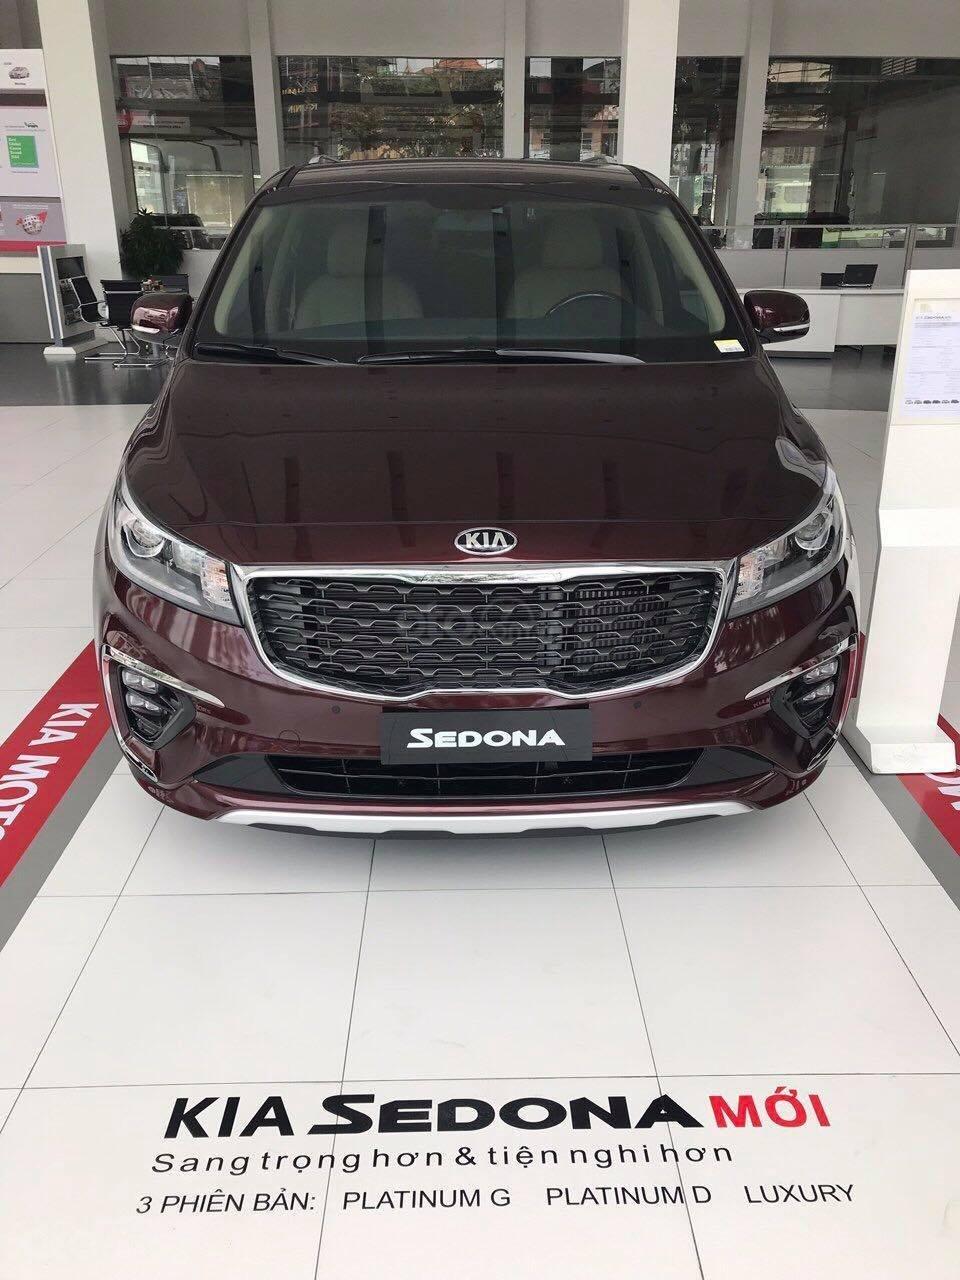 Kia Sedona 2019 xe rộng rãi giá cả phù hợp cho mọi gia đình, trả trước 380tr nhận xe-0